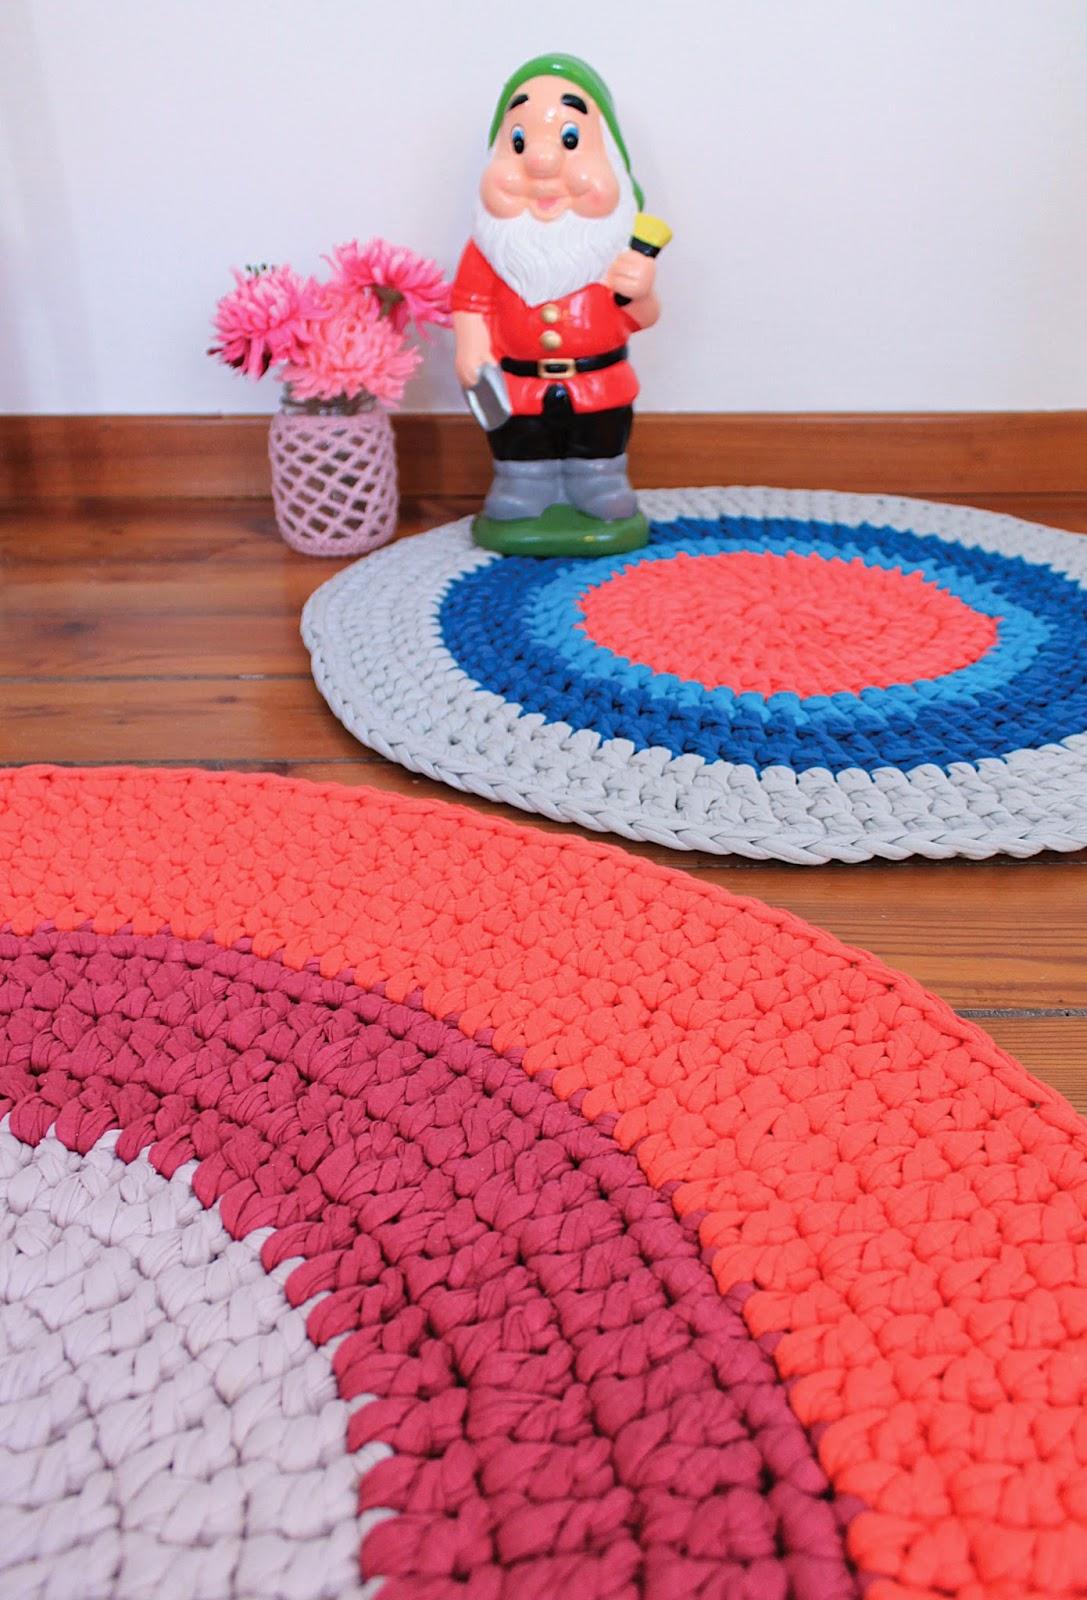 Preferenza Lorendesign: Nuovi tappeti crochet nella mia casa ZE31